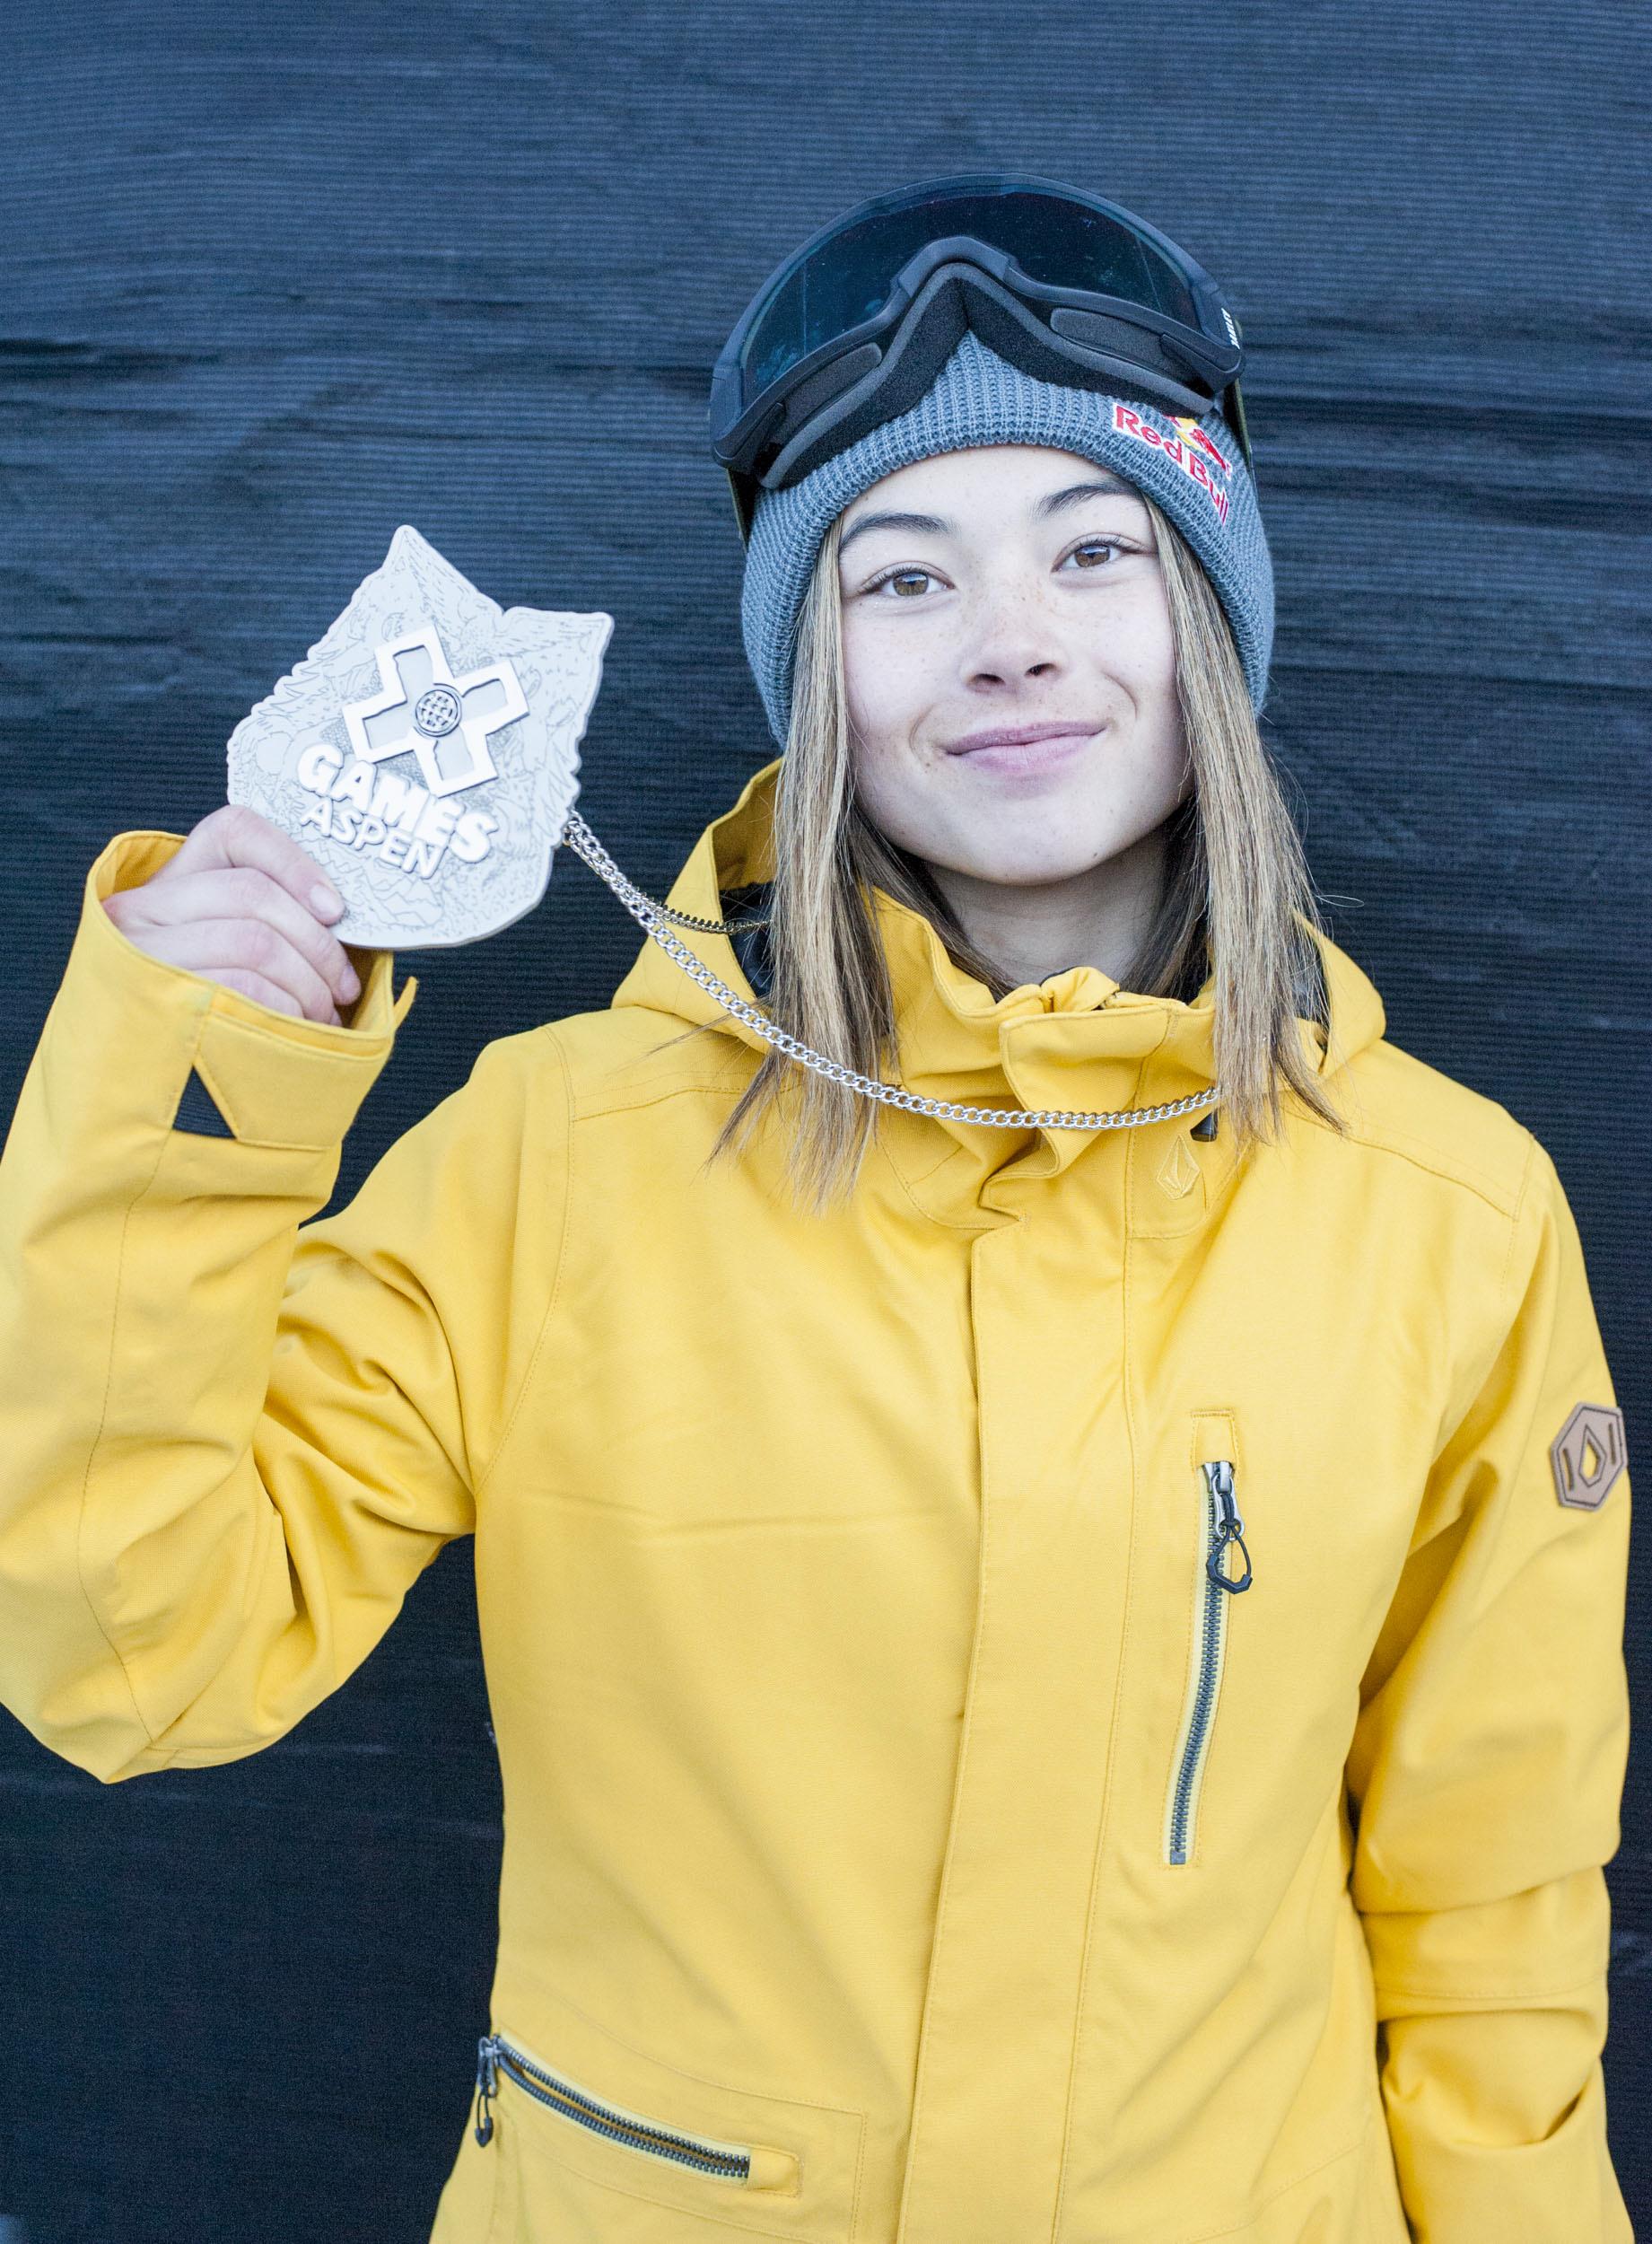 USA_SNOWBOARD_RENE_CLAVINUSA_SNOWBOARD_HAILEY_CLAVINND3_5032.JPG